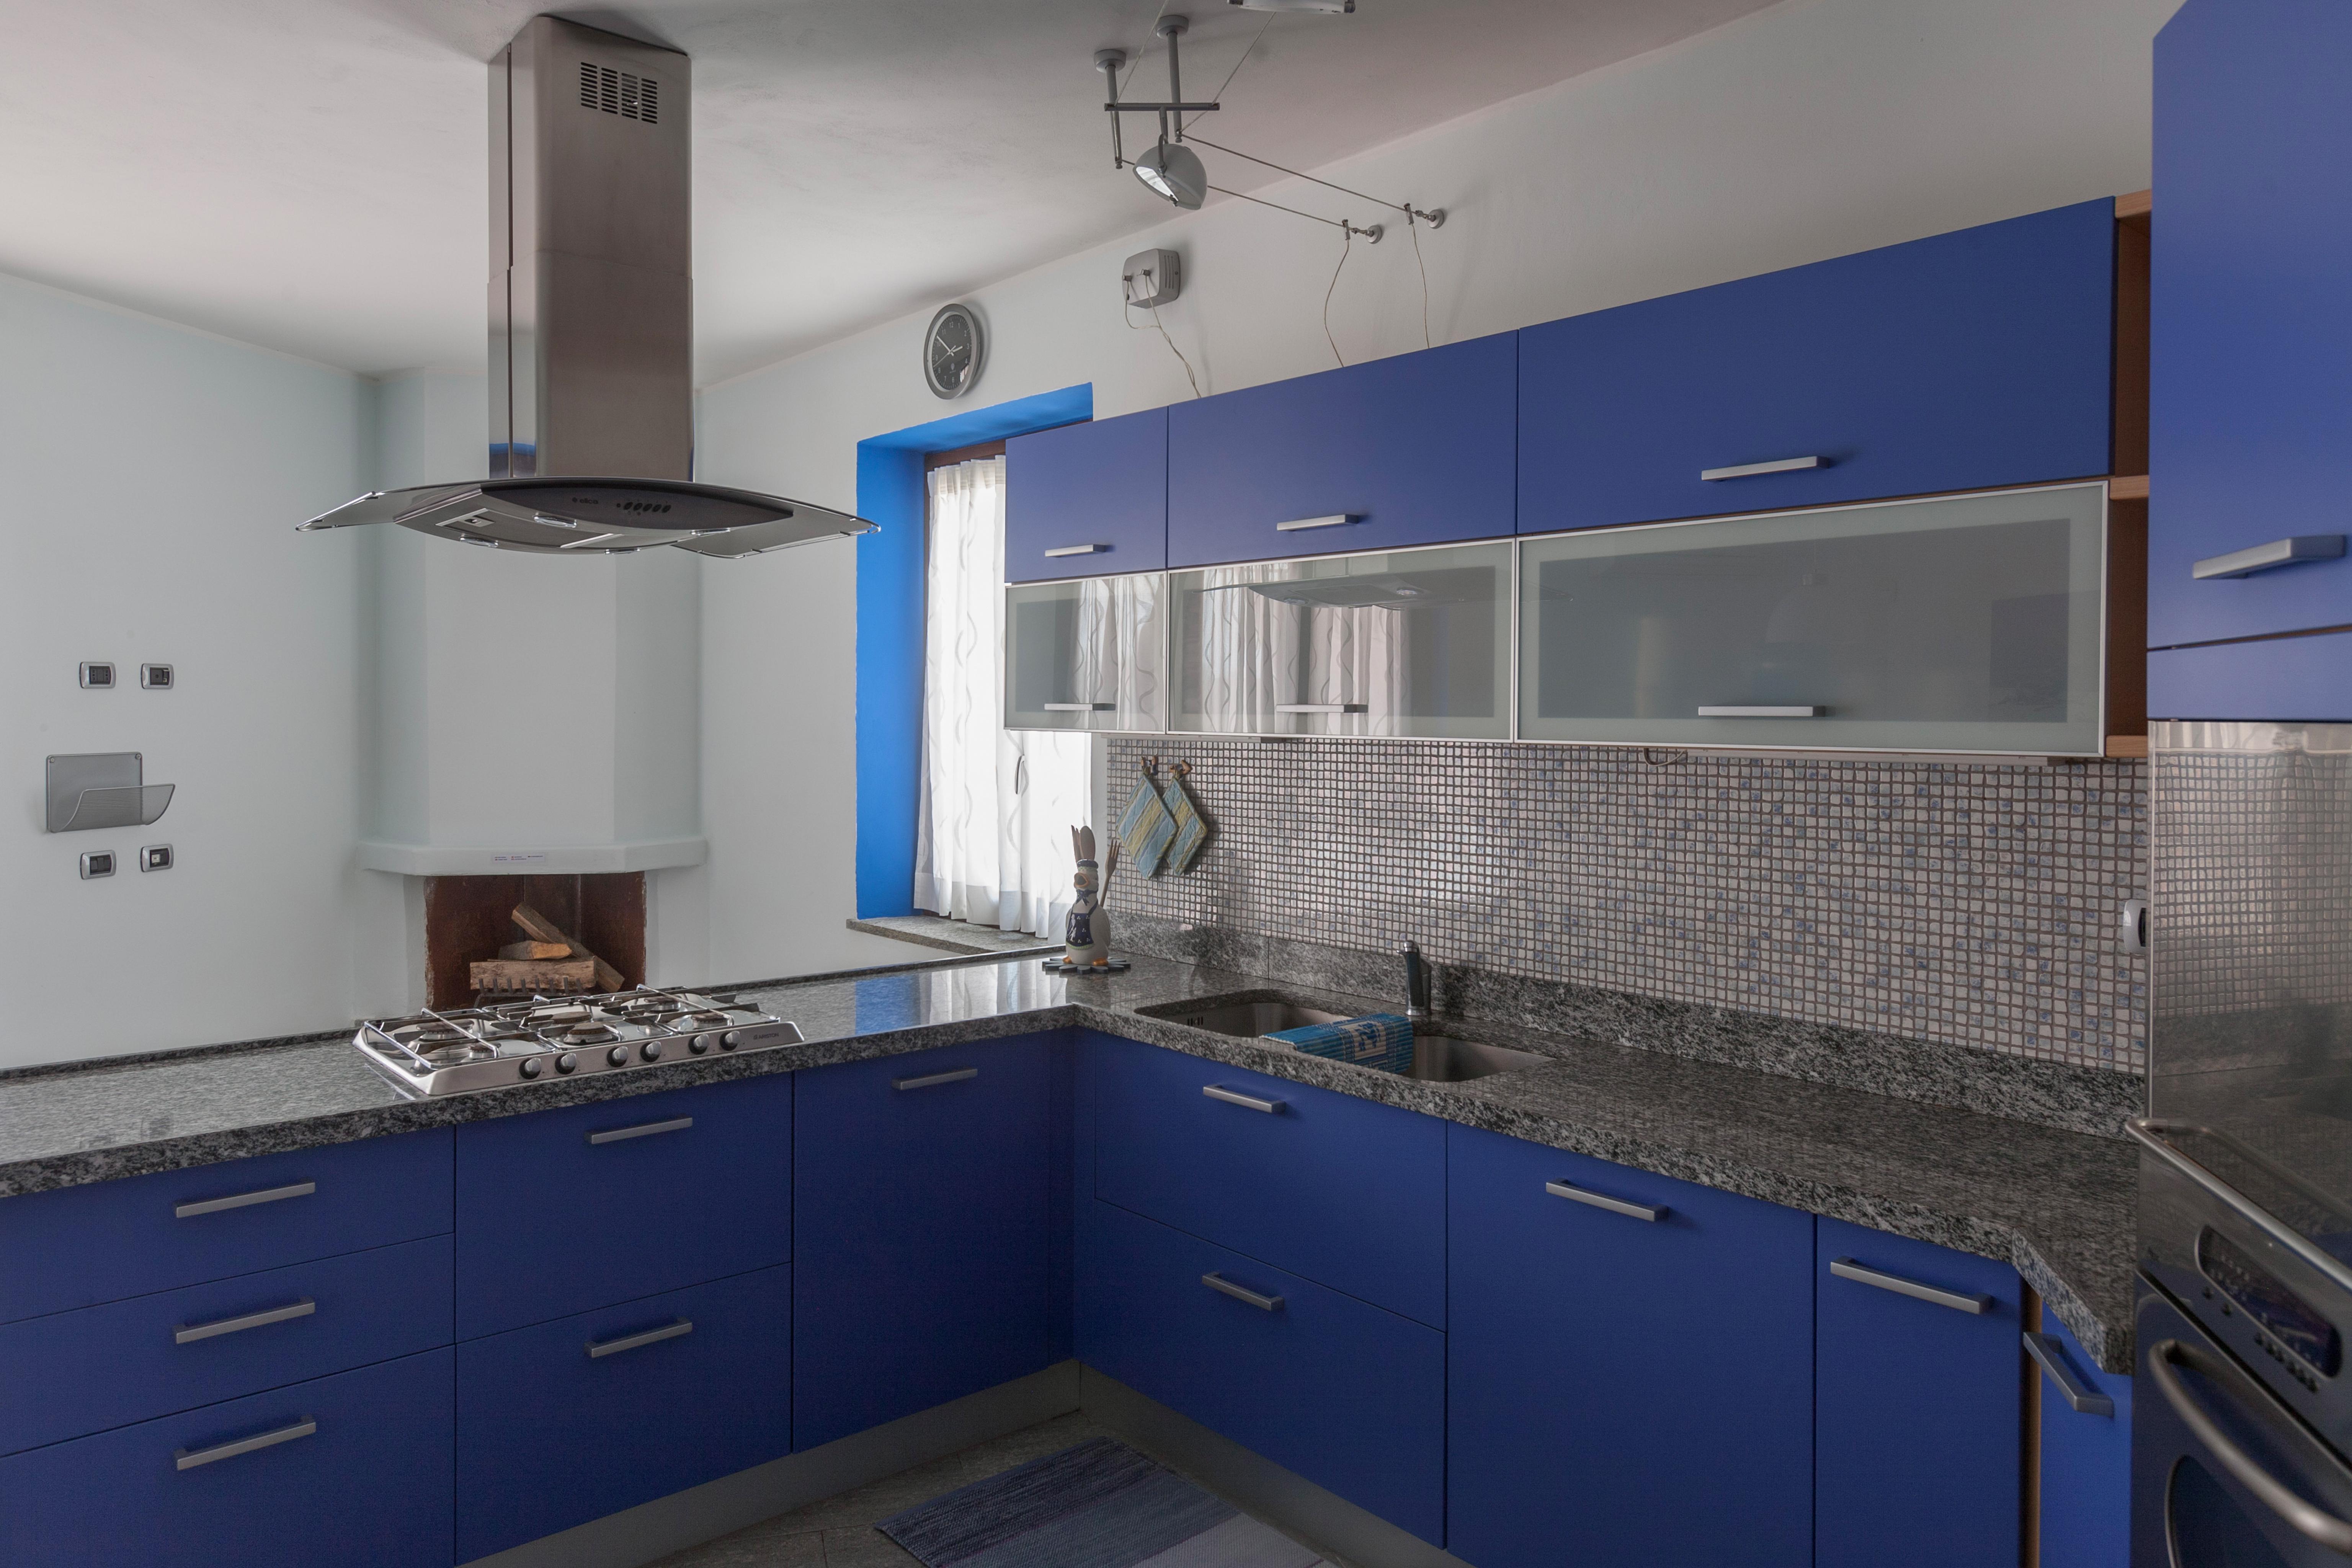 Ferienhaus Villa Cometa - Lebende Mode - (2599033), Casaleggio Novara, Novara, Piemont, Italien, Bild 22